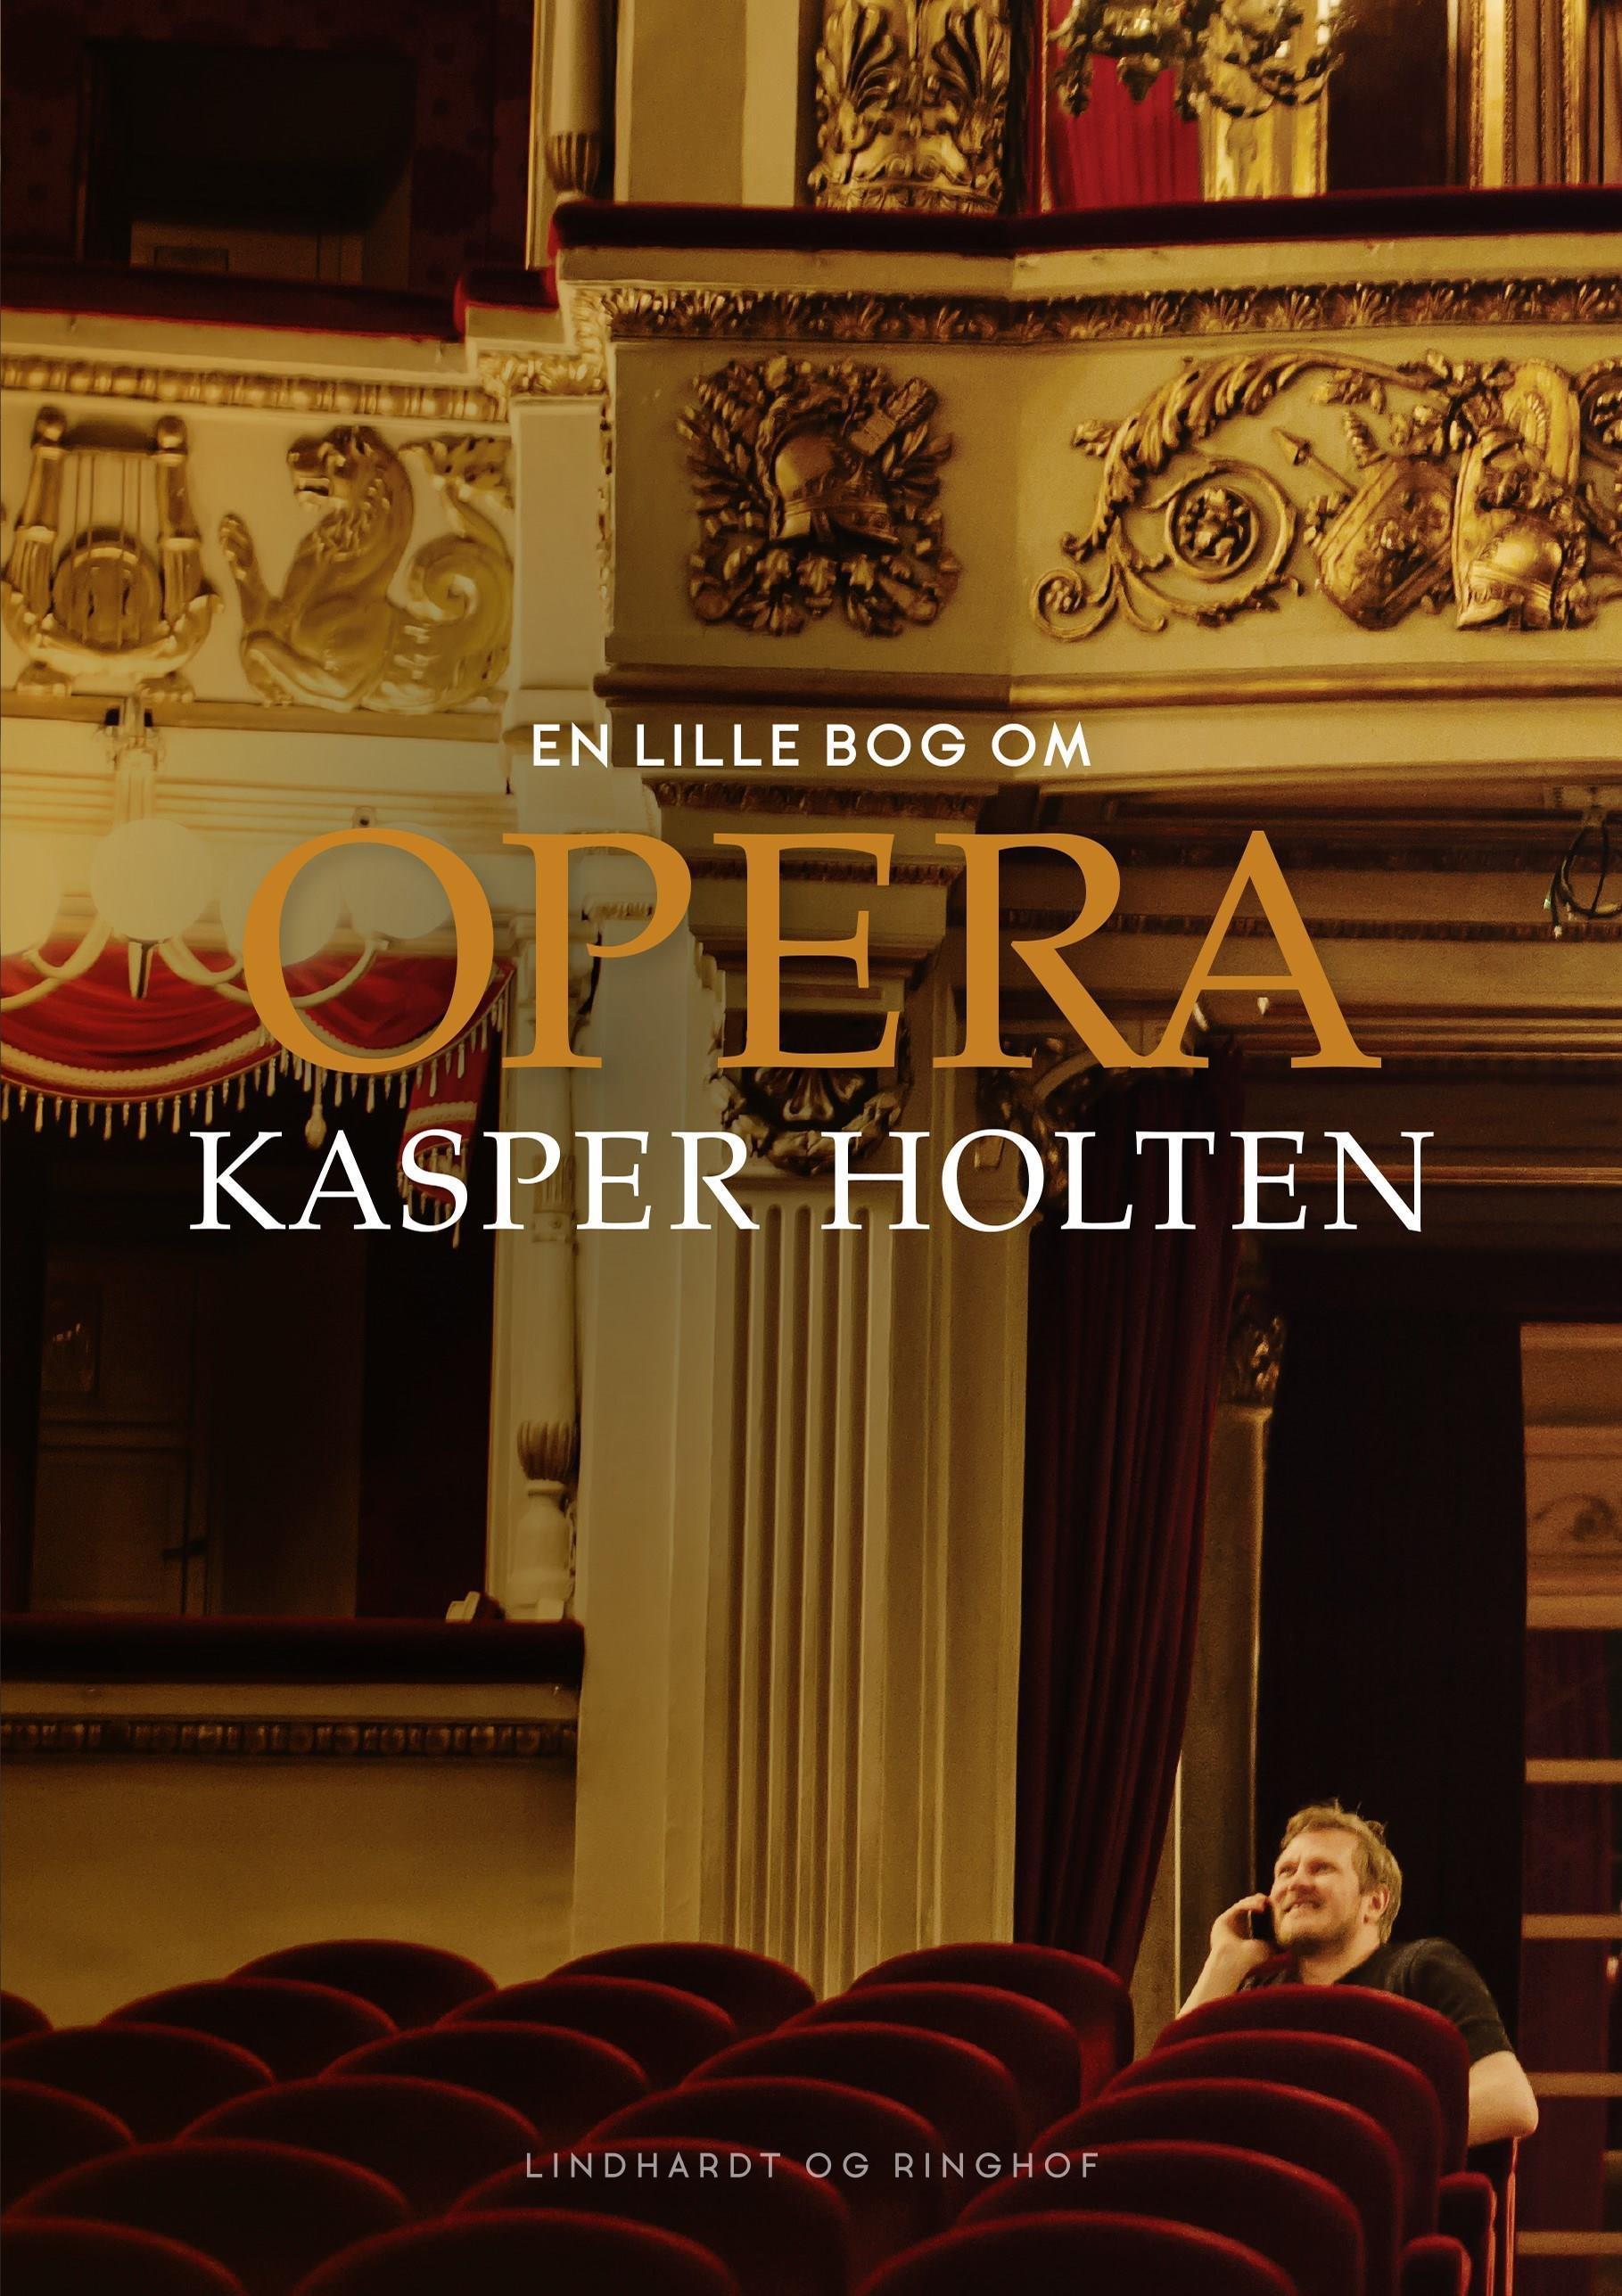 En lille bog om opera - Kasper Holten - Bøger - Lindhardt og Ringhof - 9788711698693 - March 7, 2018